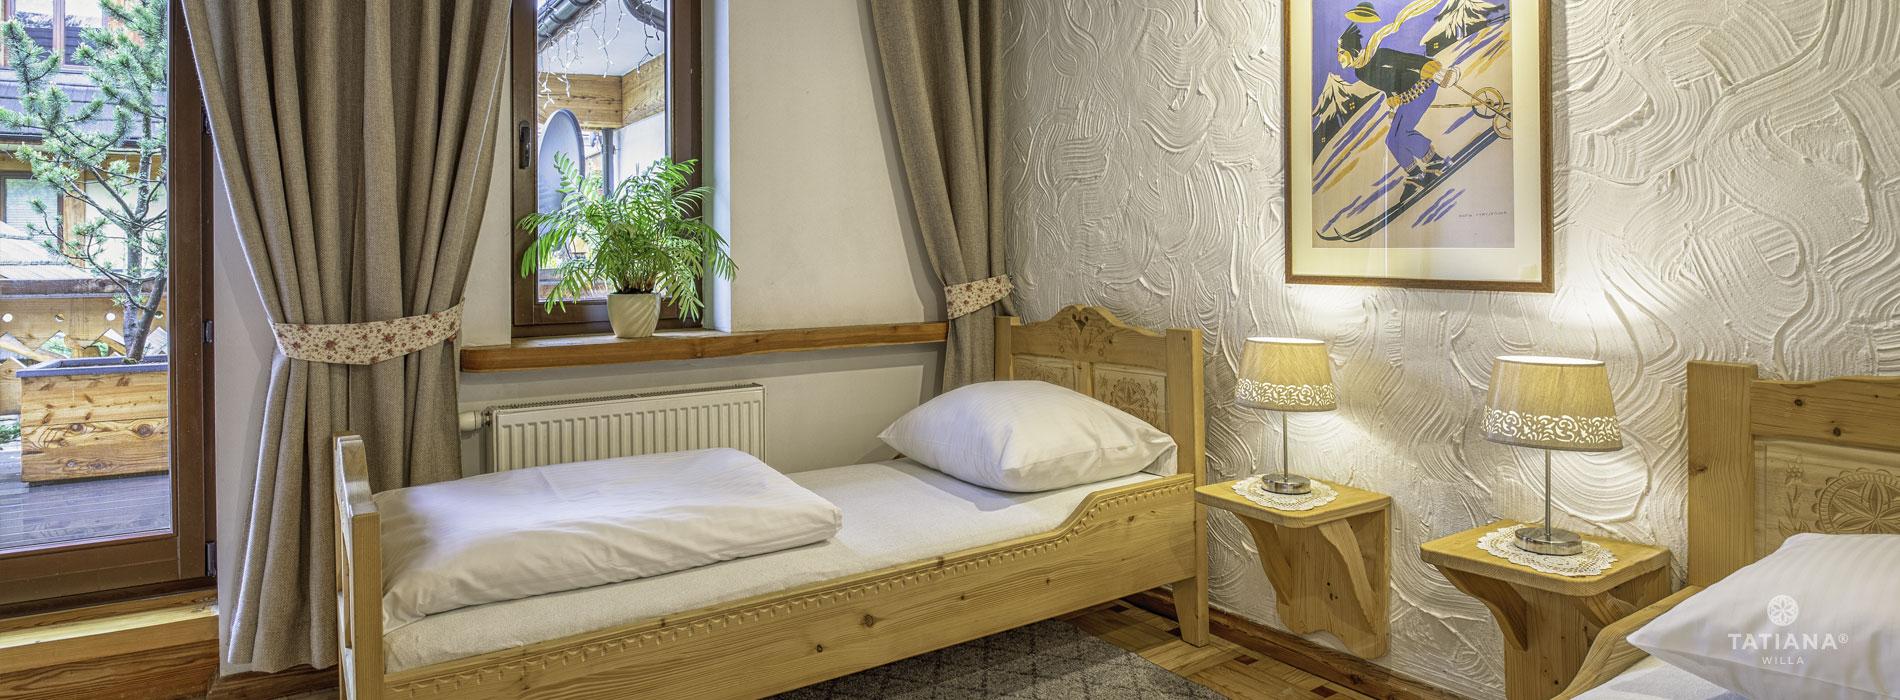 Apartament Premium 7 - sypialnia